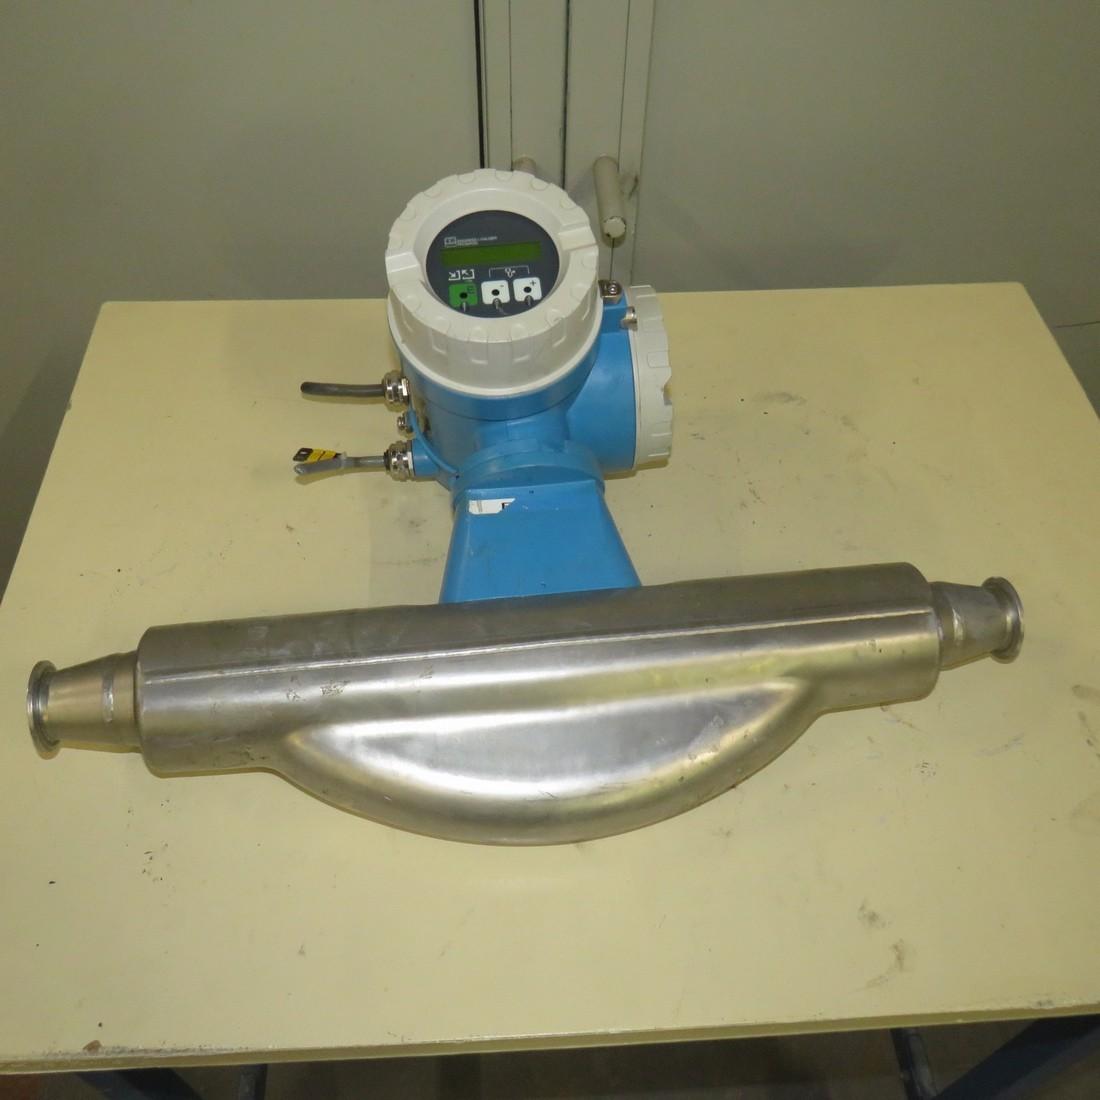 R15A1070 ENDRESS HAUSSER Flow meter